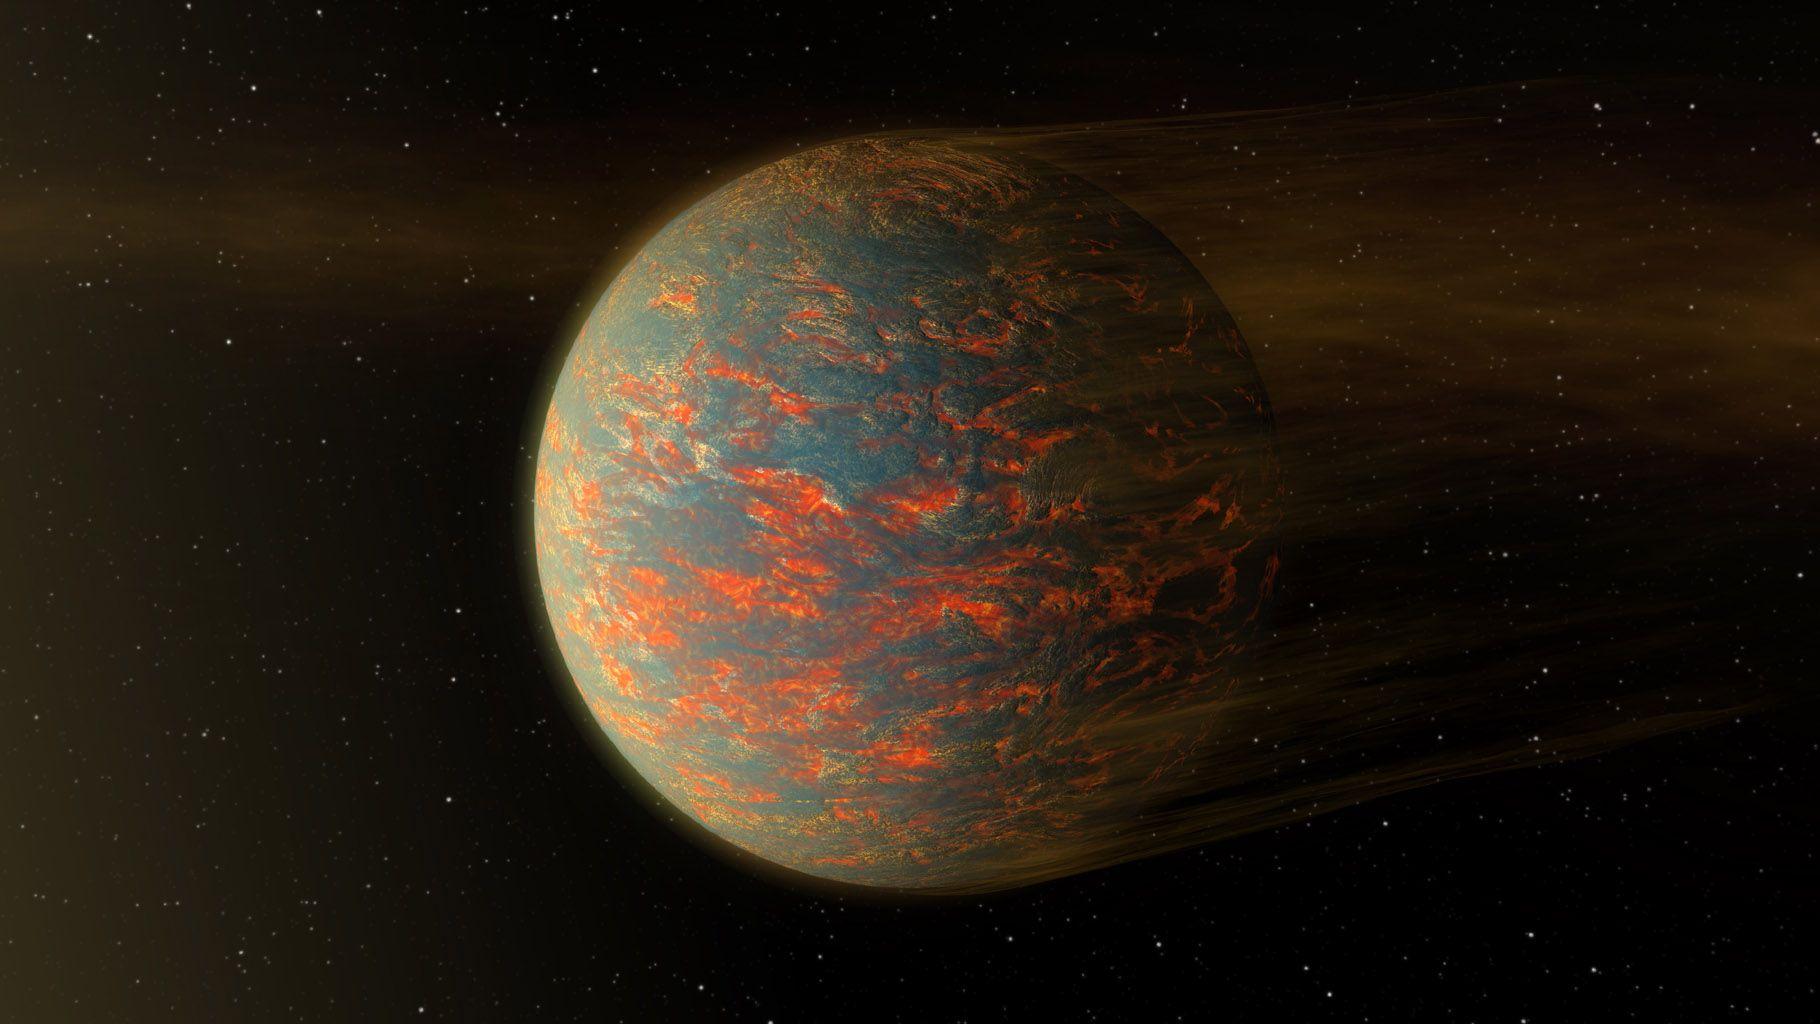 """""""55 Cancri e"""", l'étonnante planète recouverte de lave découverte par la Nasa"""